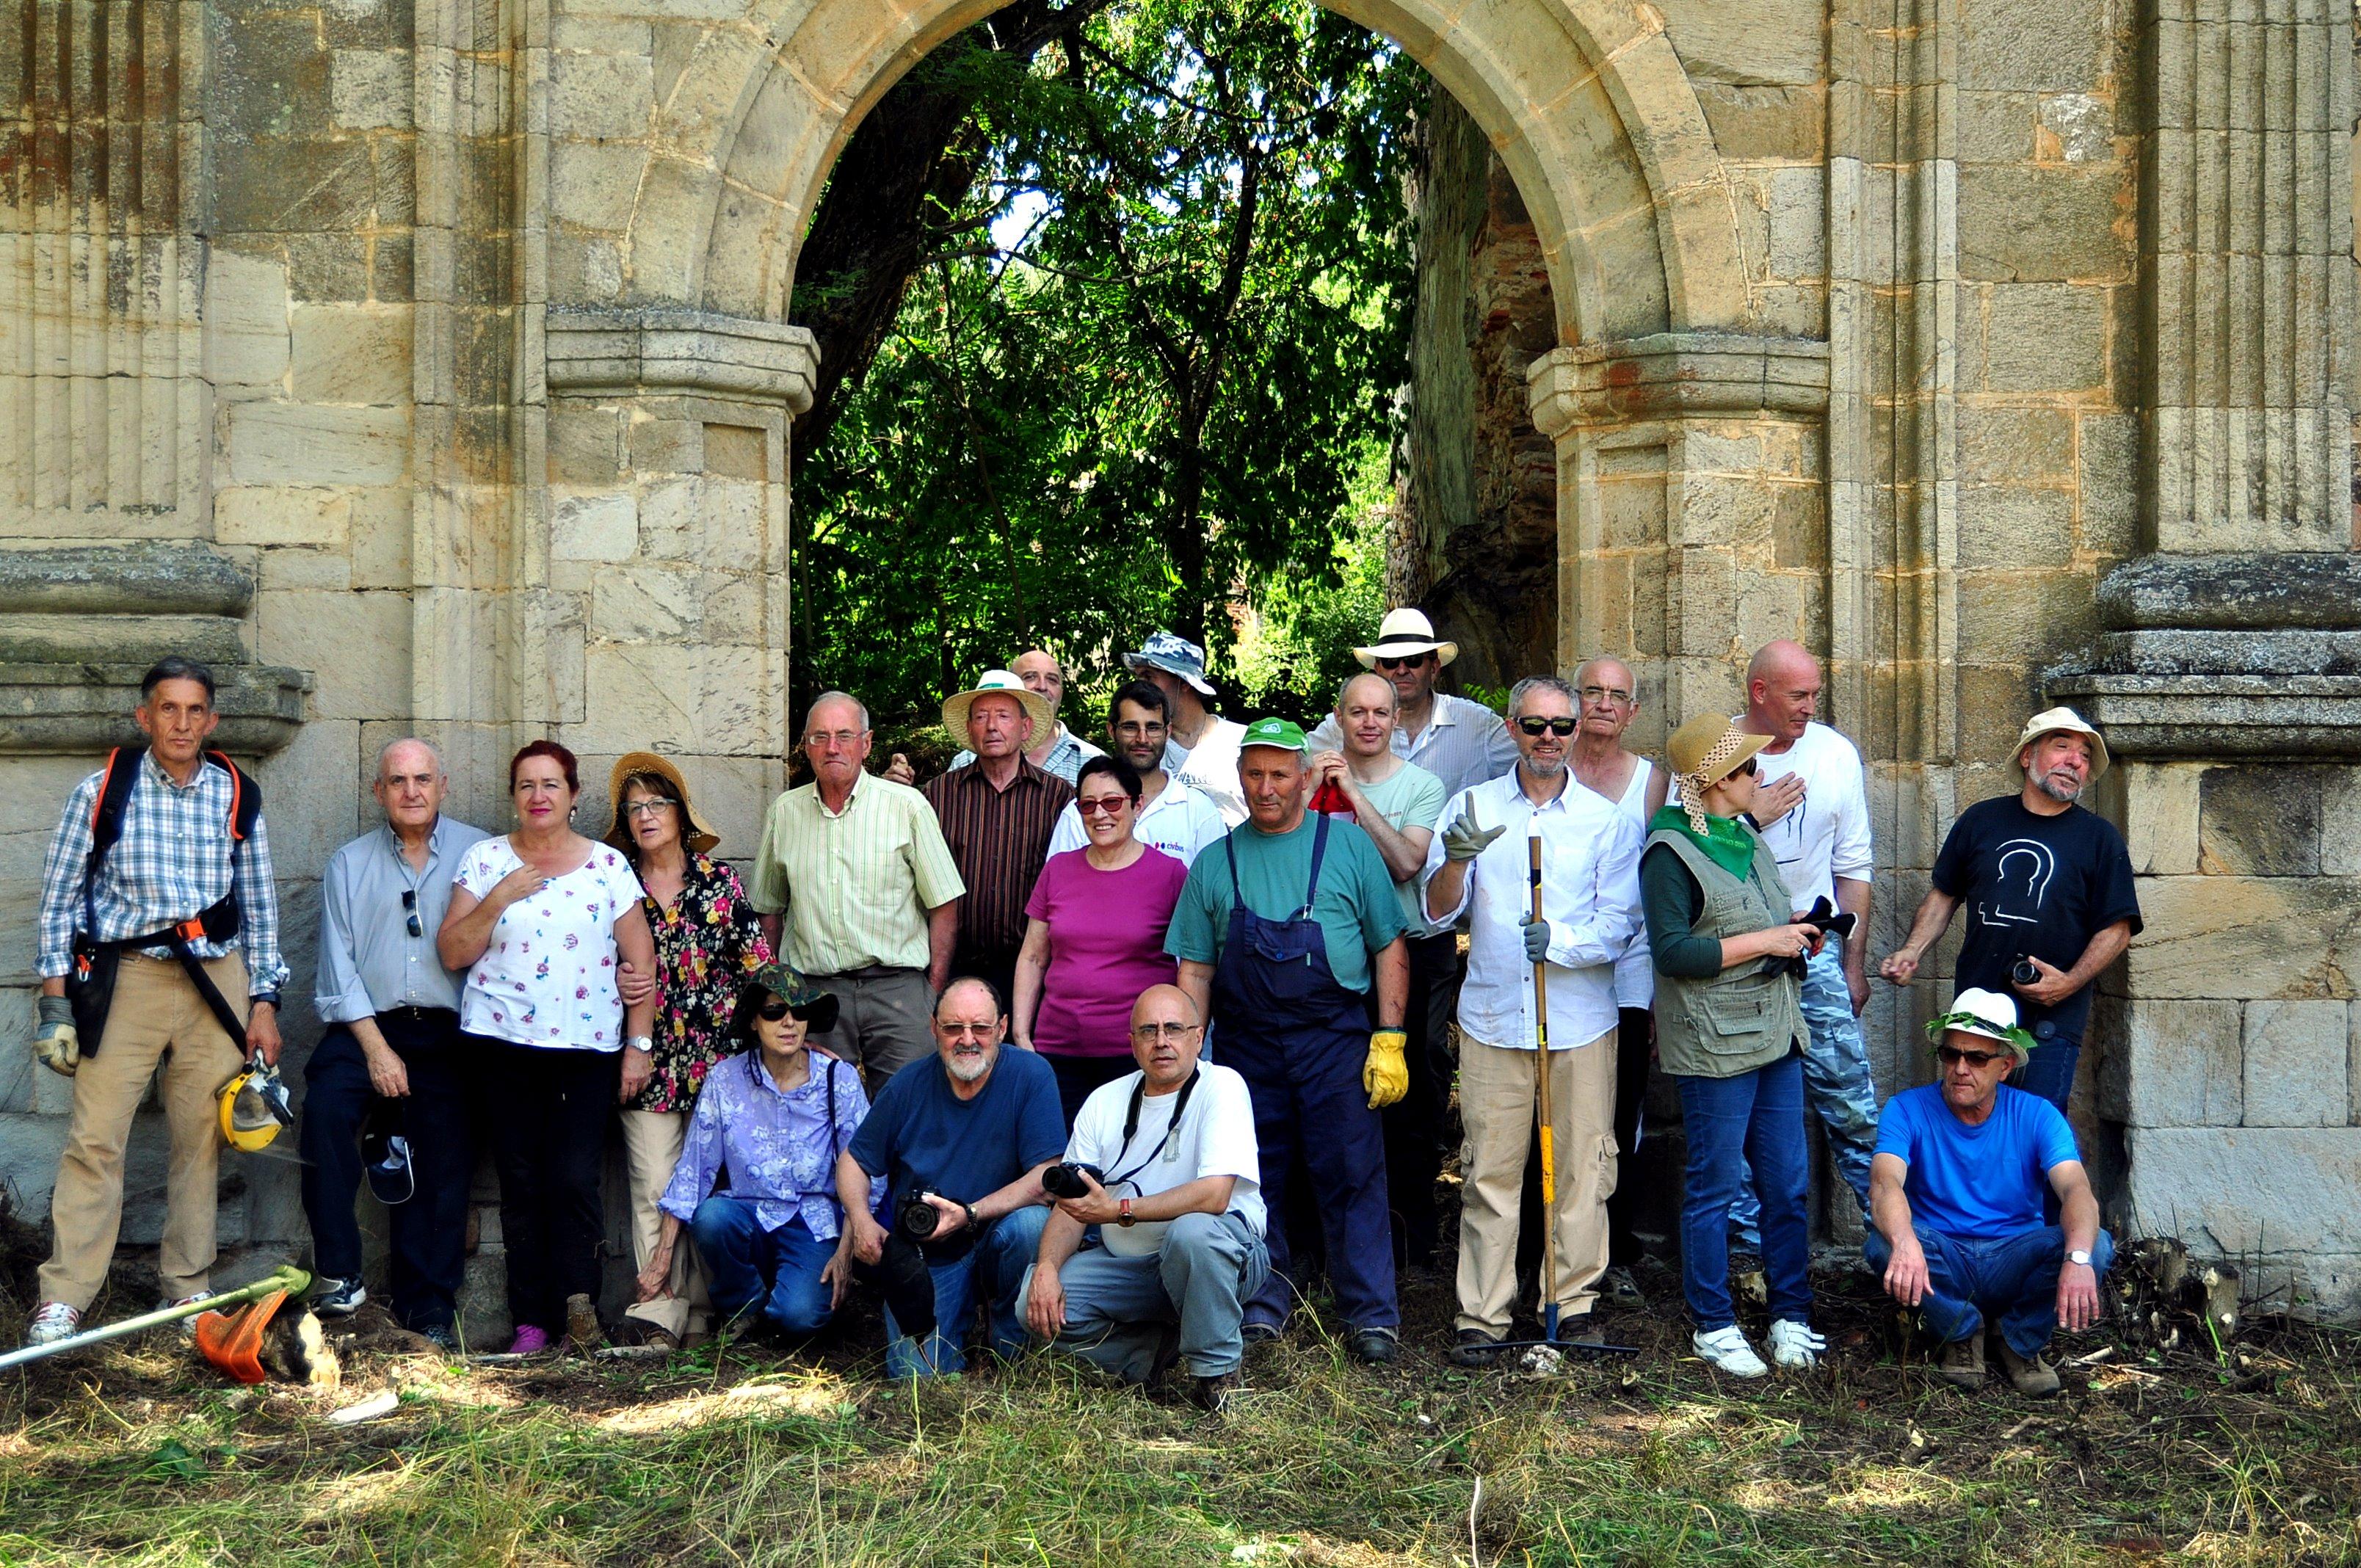 El equipo participante ante la portada del monasterio.